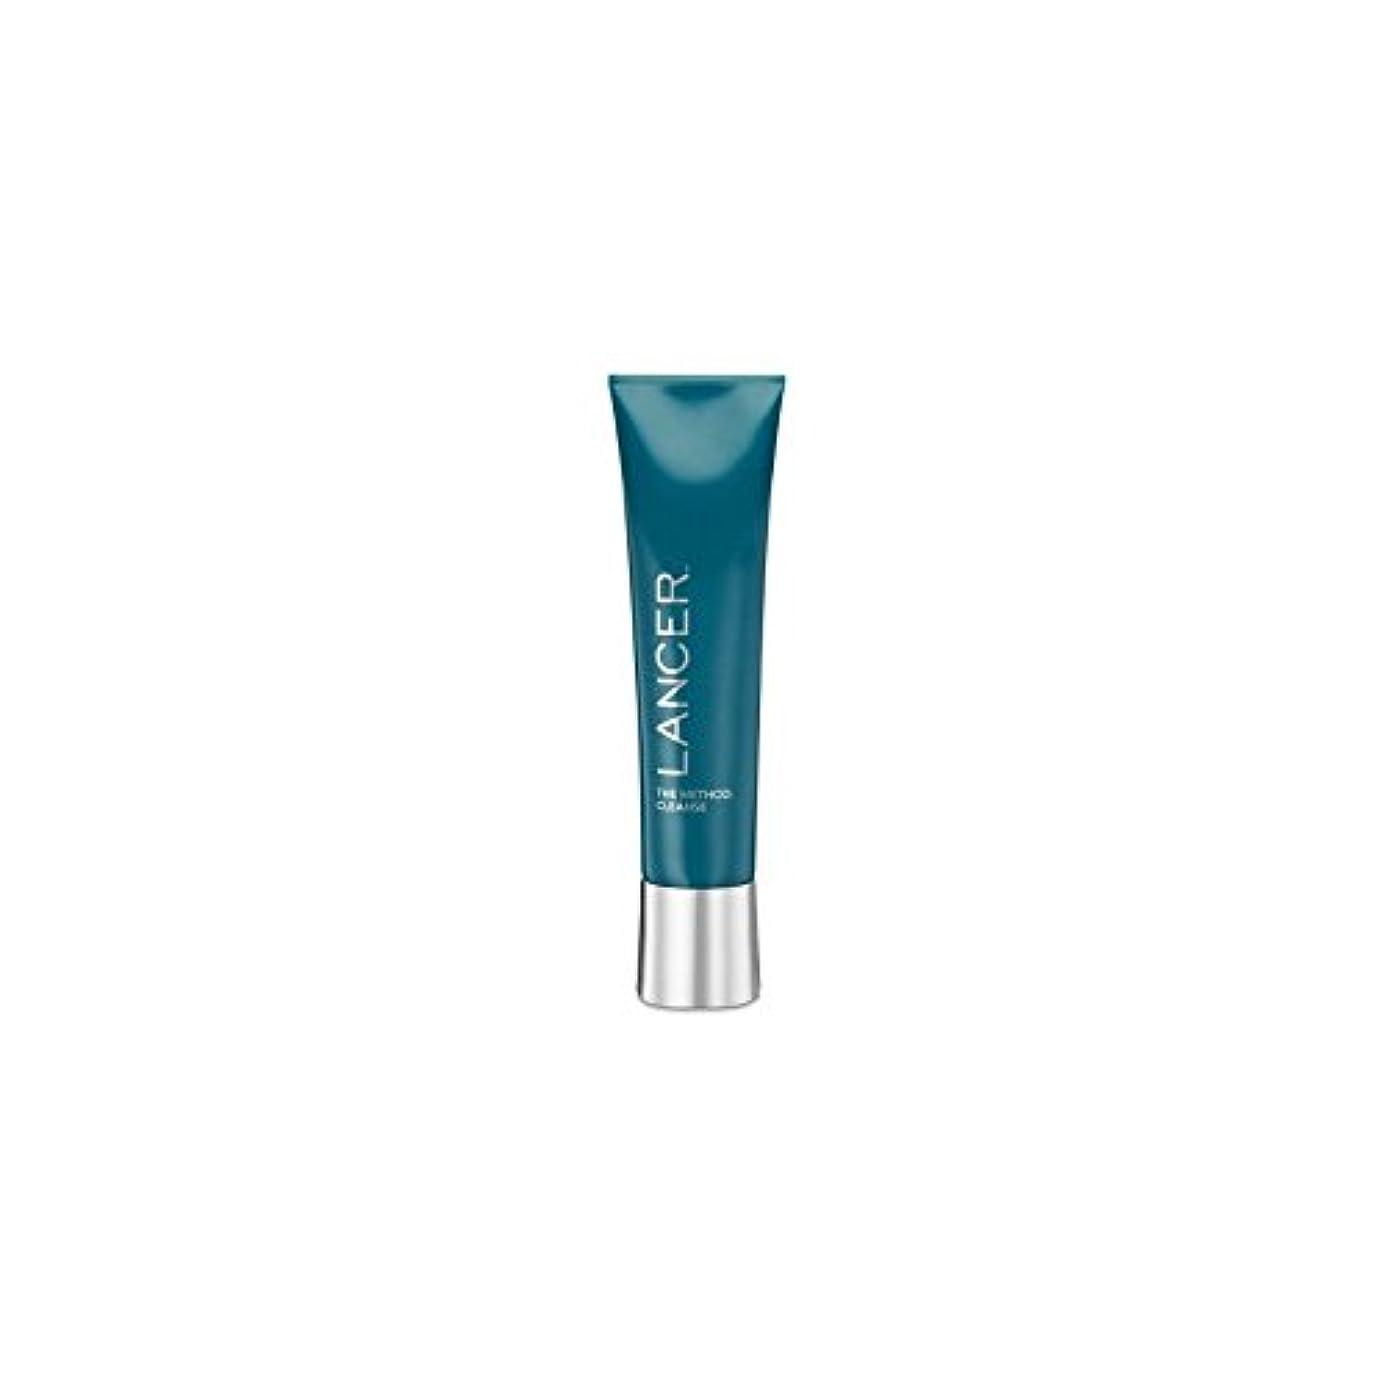 批判的考案するスポンジLancer Skincare The Method: Cleanser (120ml) - クレンザー(120ミリリットル):ランサーは、メソッドをスキンケア [並行輸入品]